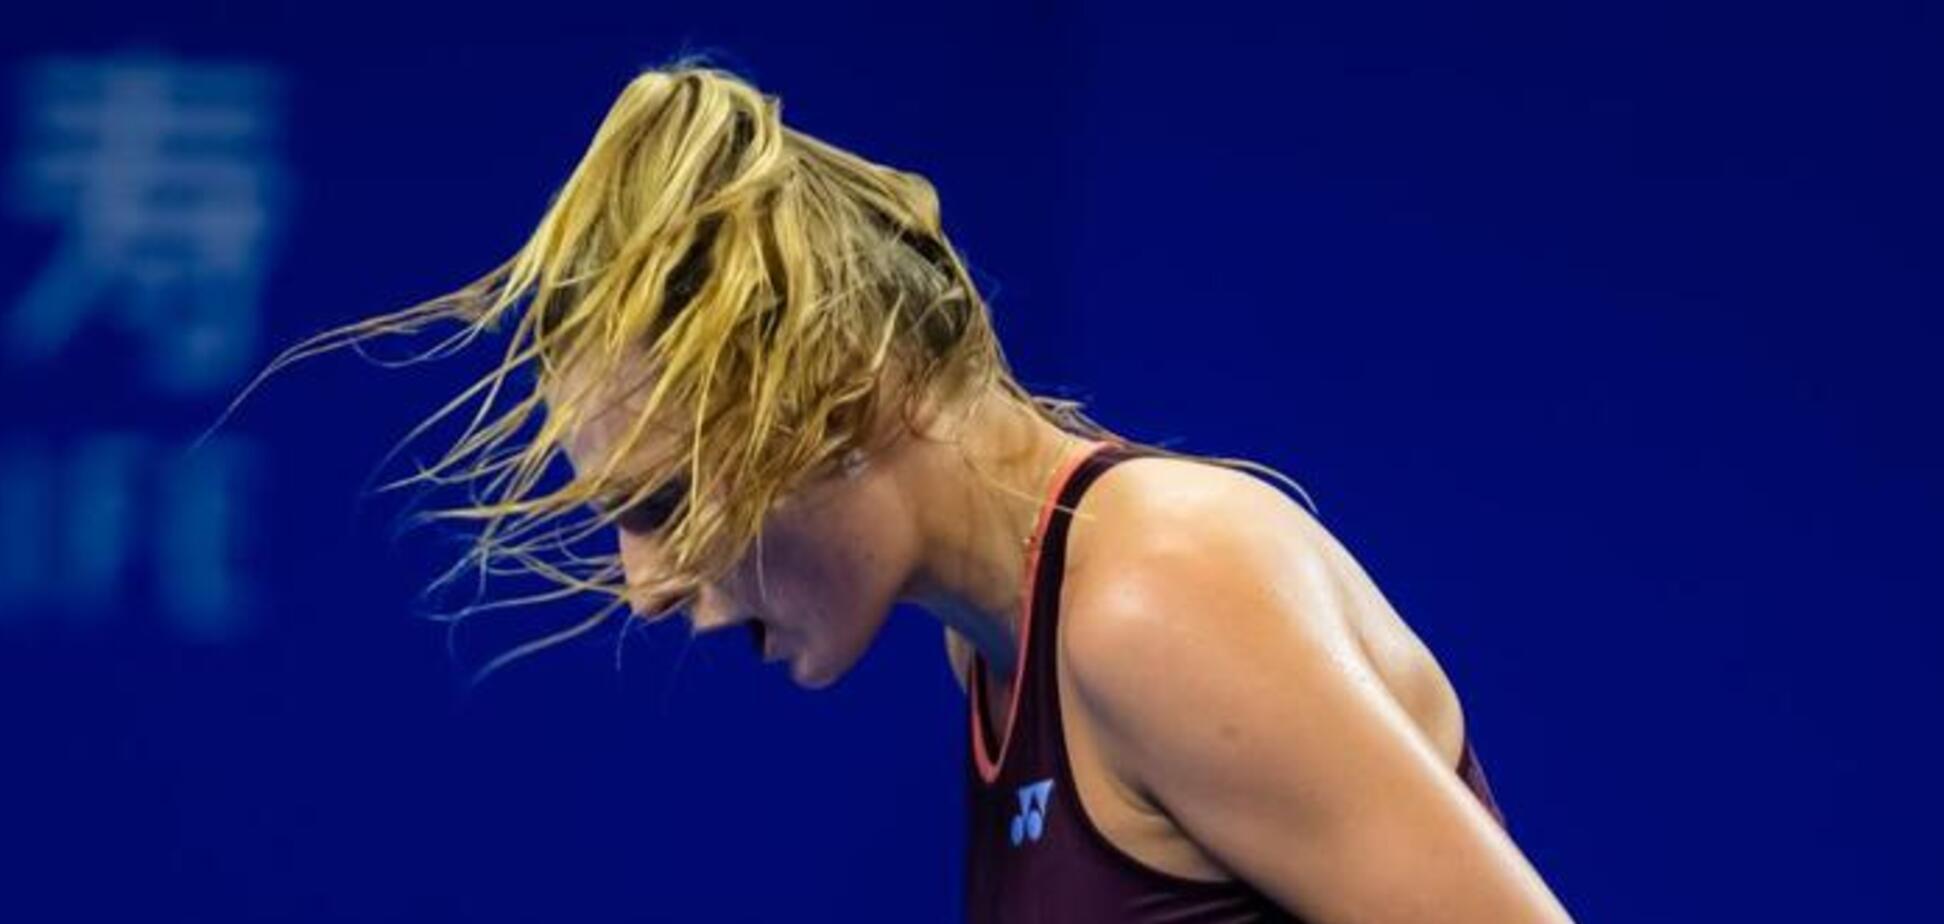 Юна українська тенісистка здобула драматичну перемогу на старті супертурніру в Китаї